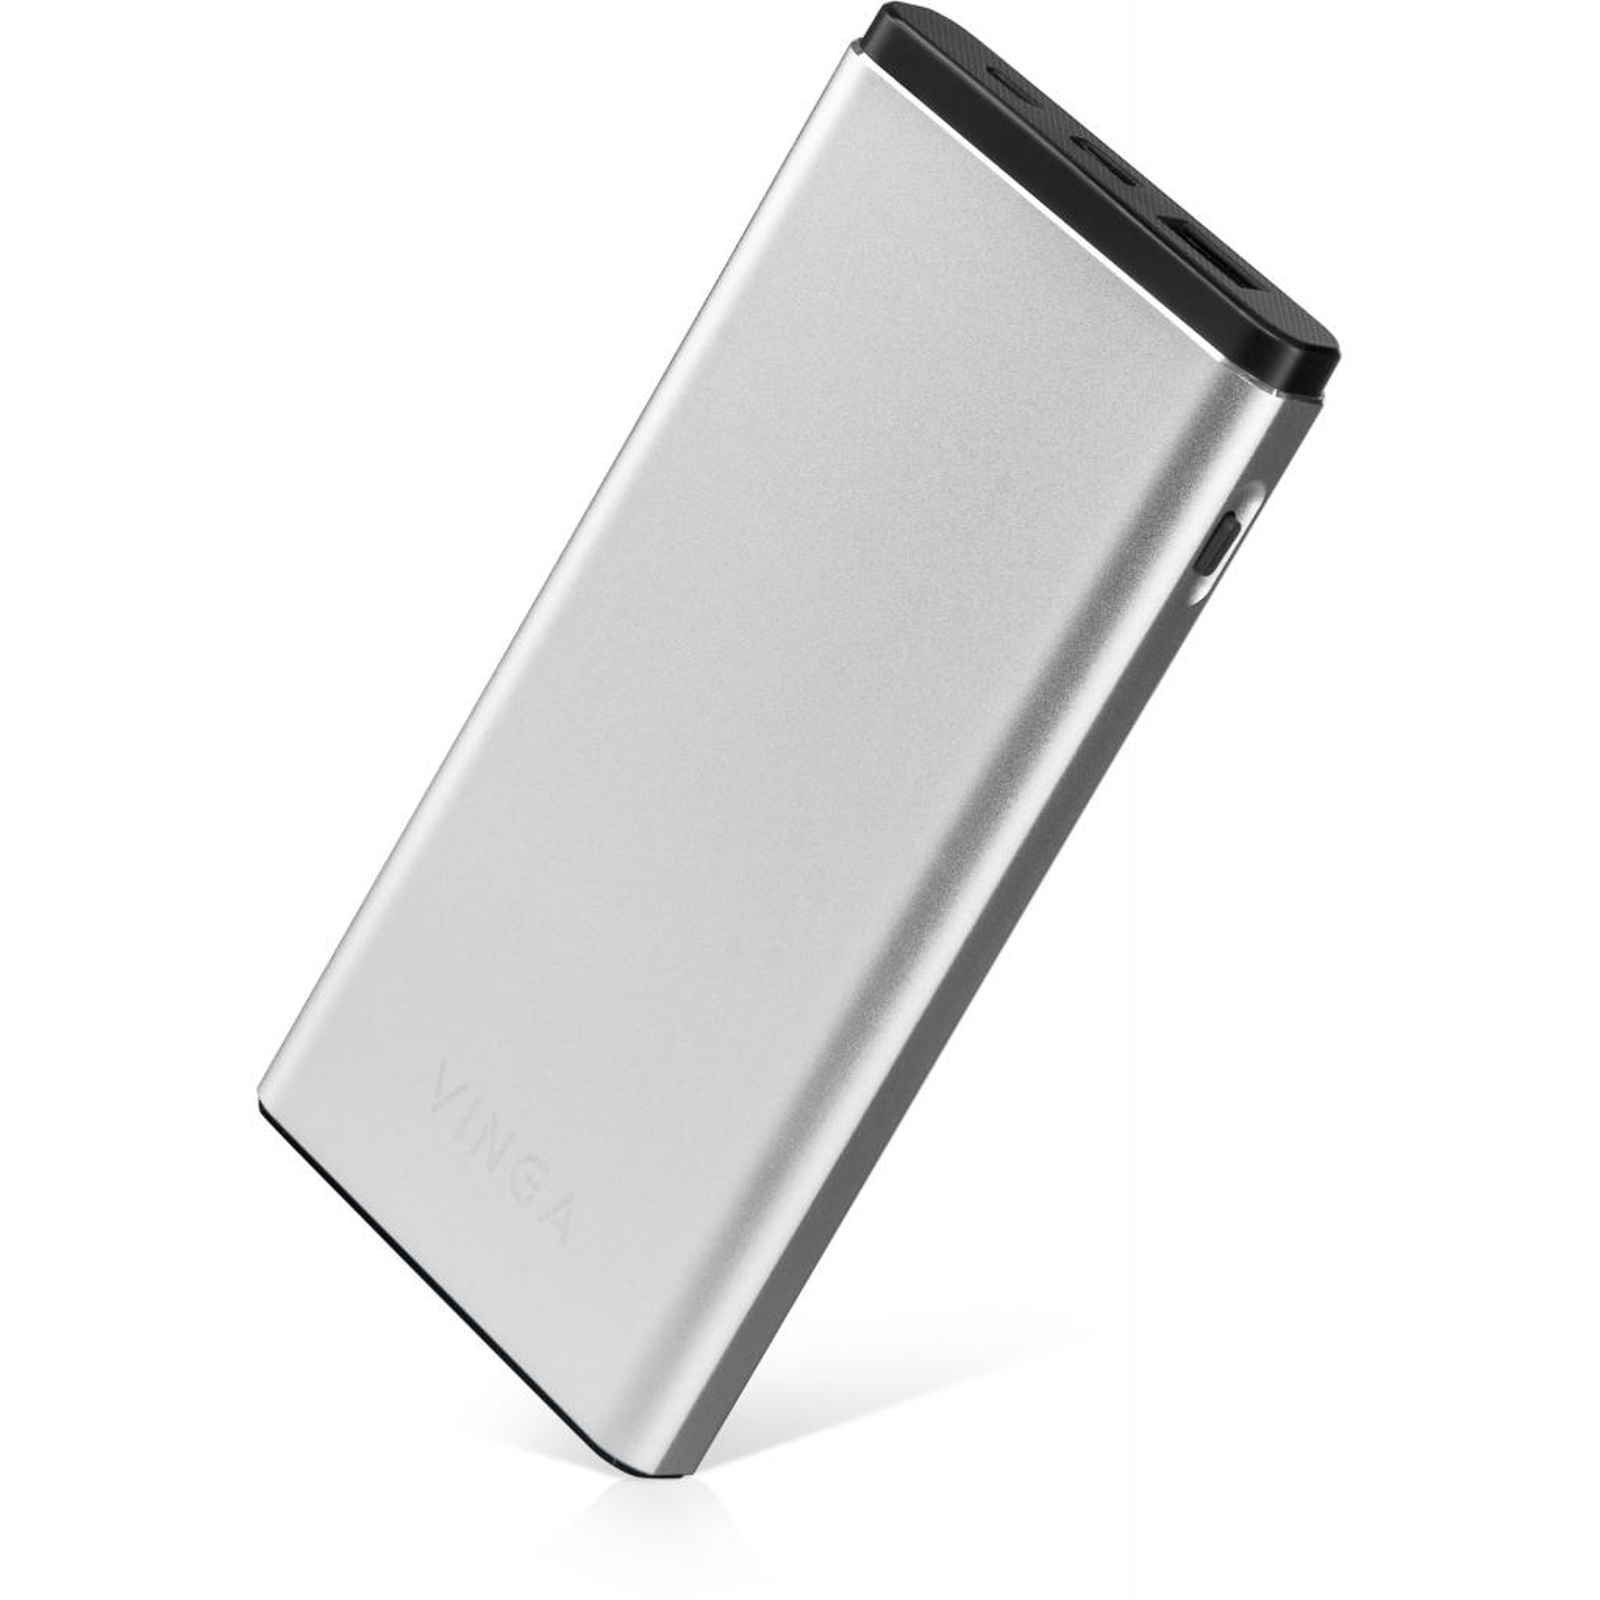 Батарея универсальная Vinga 10000 mAh QC3.0 PD aluminium silver (BTPB1010QCALS) изображение 4